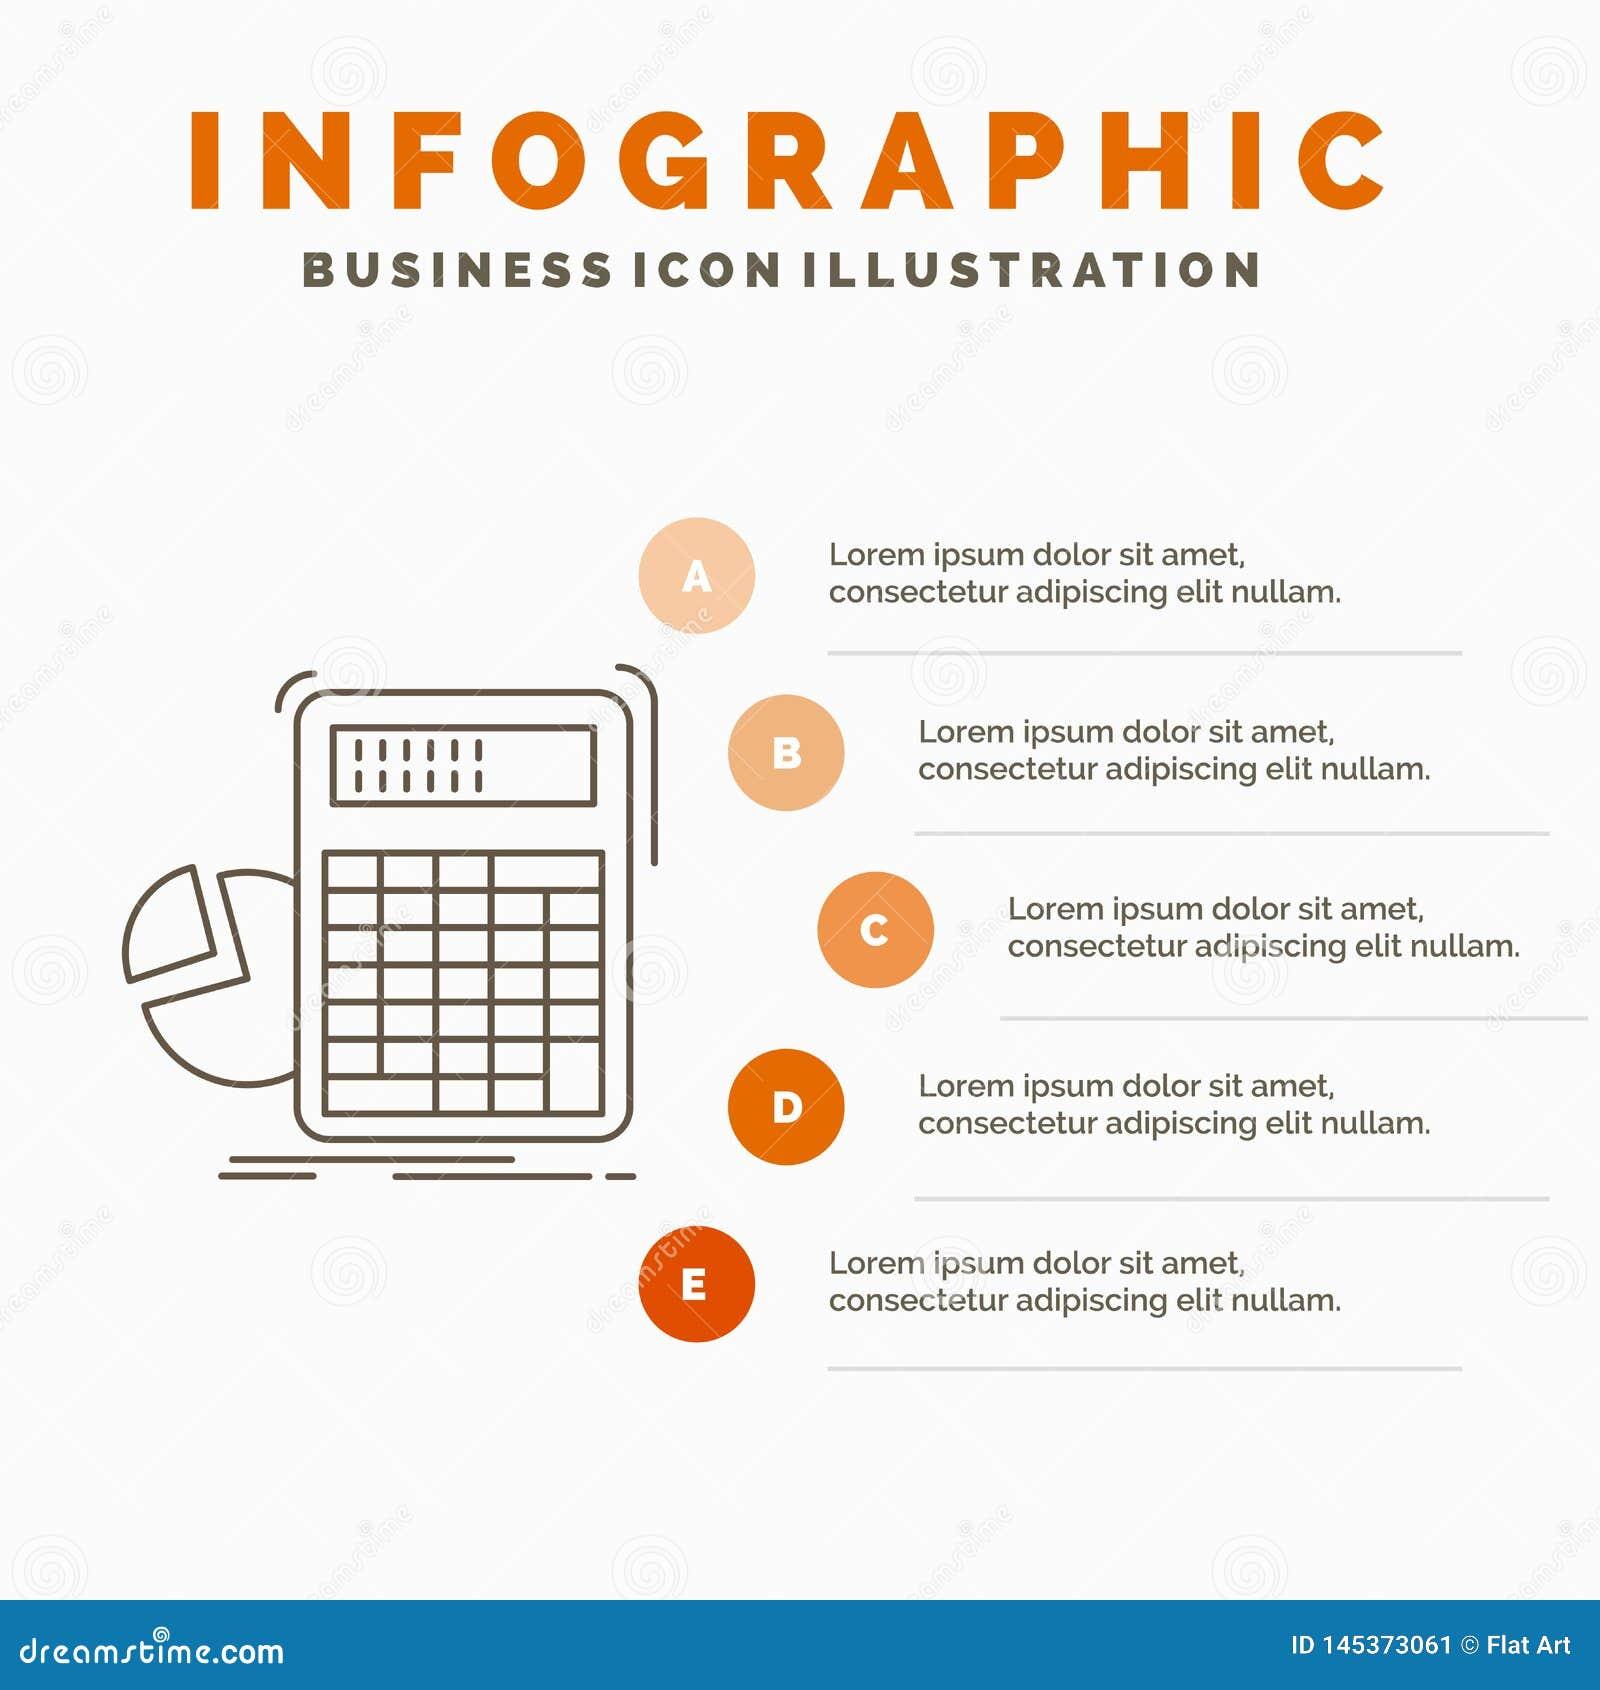 υπολογιστής, υπολογισμός, math, πρόοδος, πρότυπο Infographics γραφικών παραστάσεων για τον ιστοχώρο και παρουσίαση Γκρίζο εικονίδ